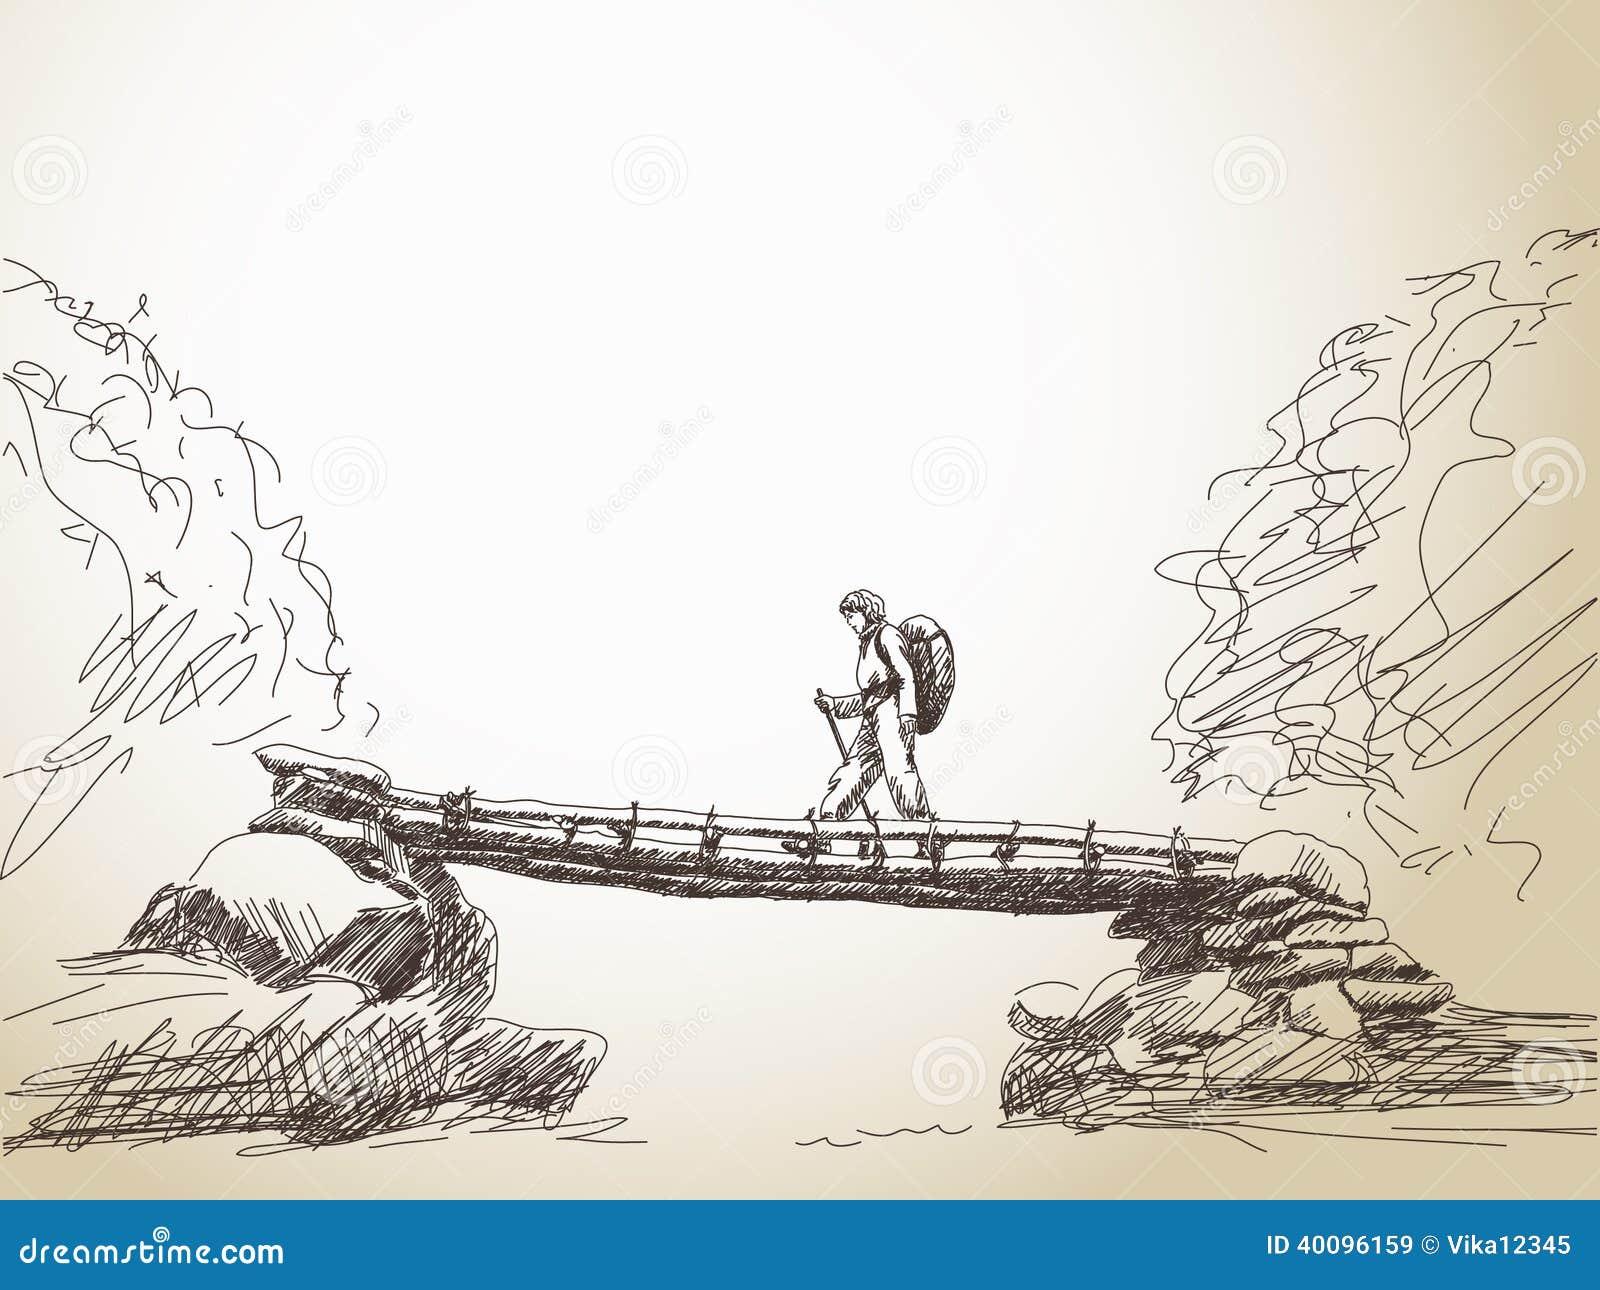 Bridge Crossing River With Trekking Woman Stock Vector